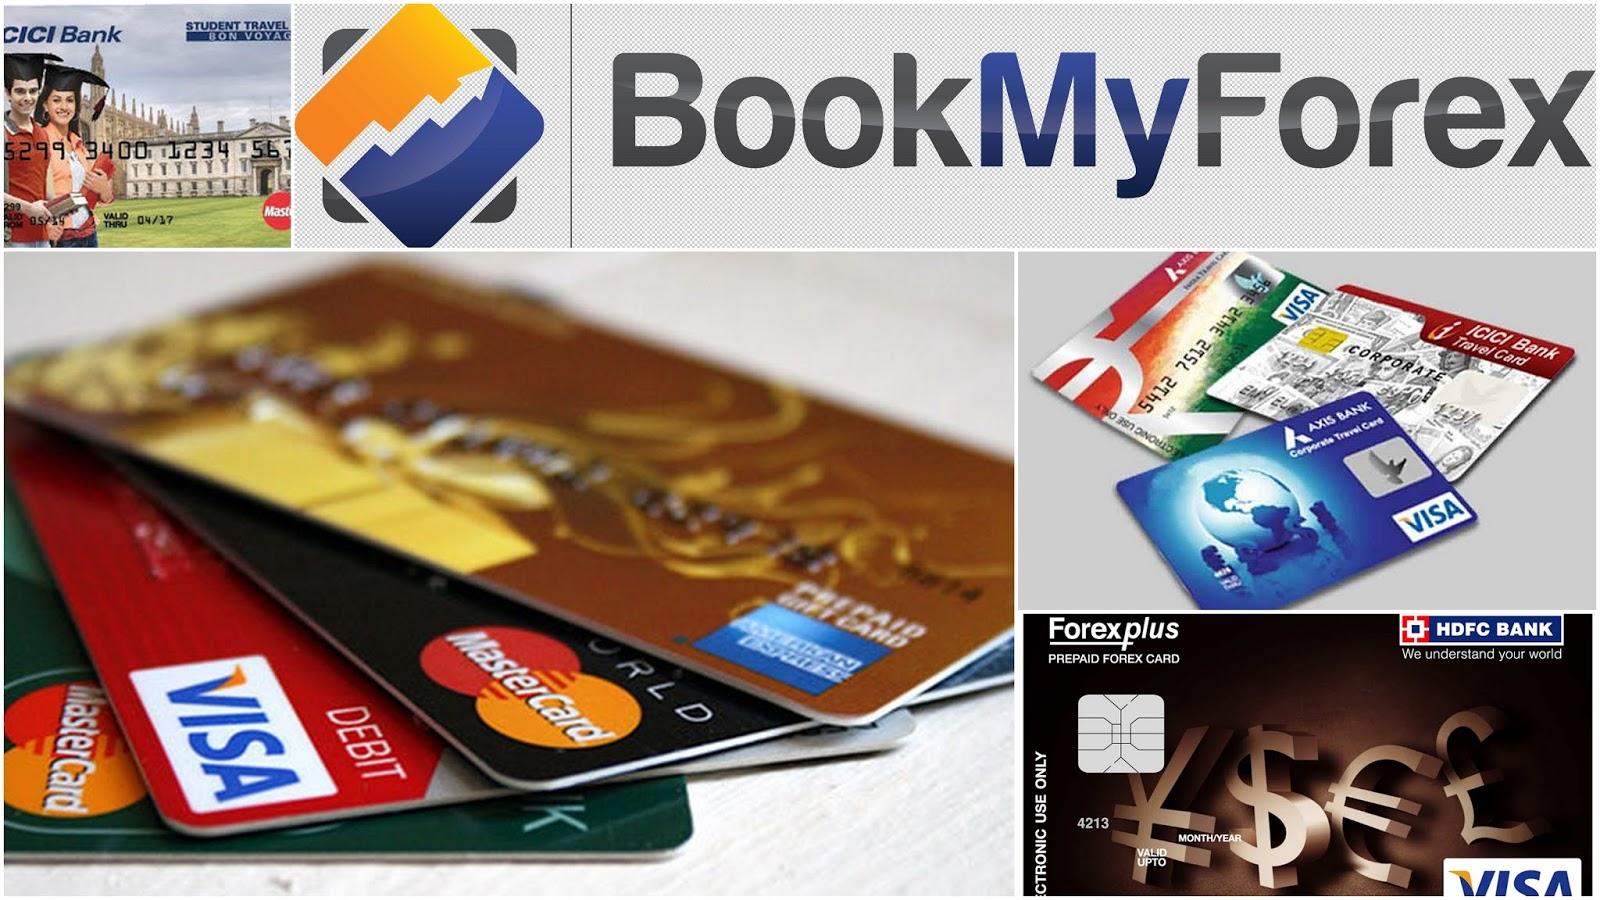 Prepaid forex card